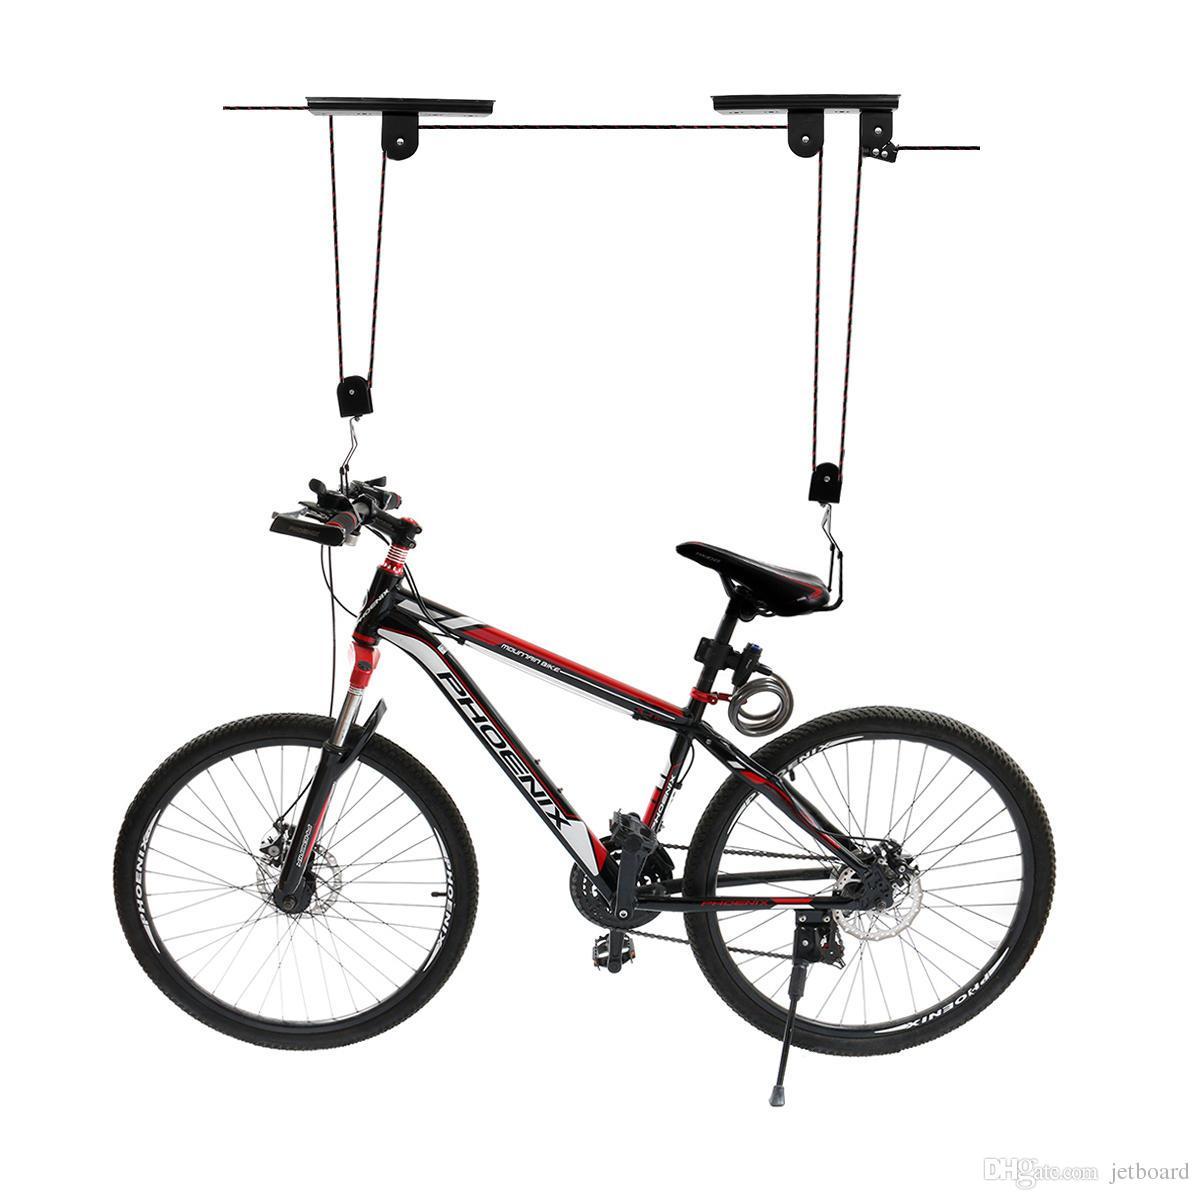 276d93553 Compre Elevador Da Bicicleta Da Bicicleta Elevador De Teto Montado Gancho  Da Garagem Da Bicicleta Da Garagem Salvar Espaço Telhado Da Polia Da Tenda  Da ...